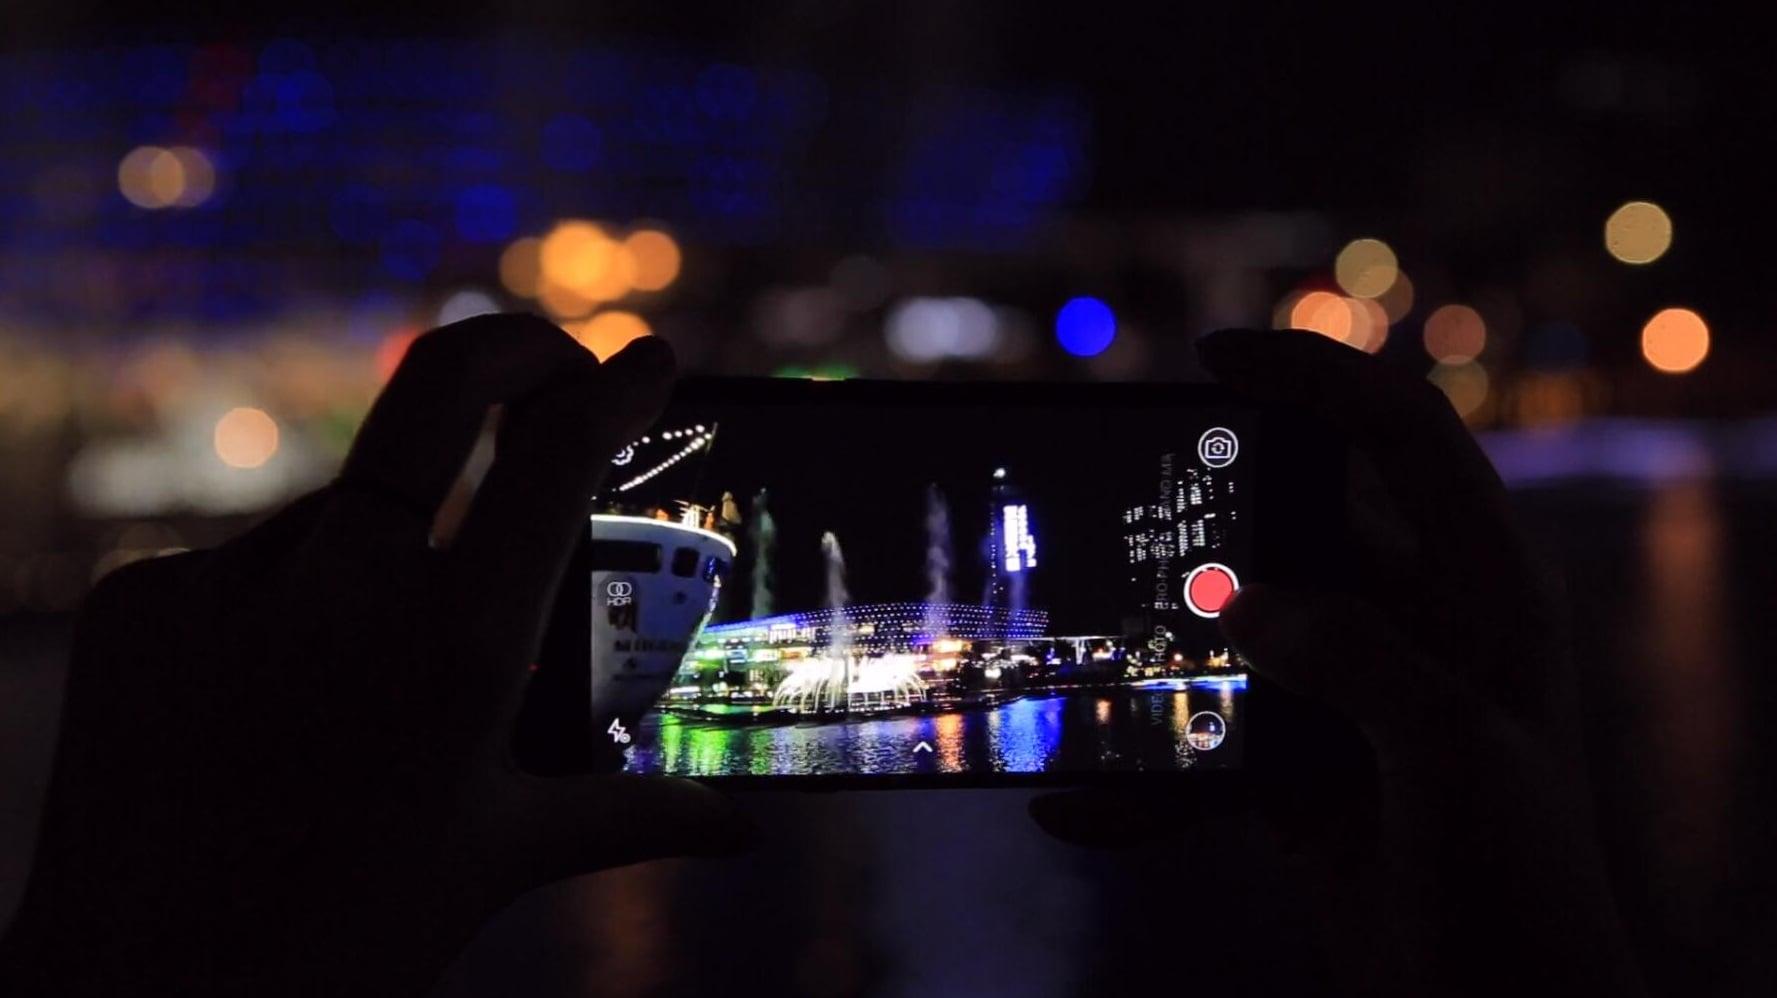 Aparat w UMi Plus potrafi zrobić dobrej jakości zdjęcie w każdych warunkach oświetleniowych 21